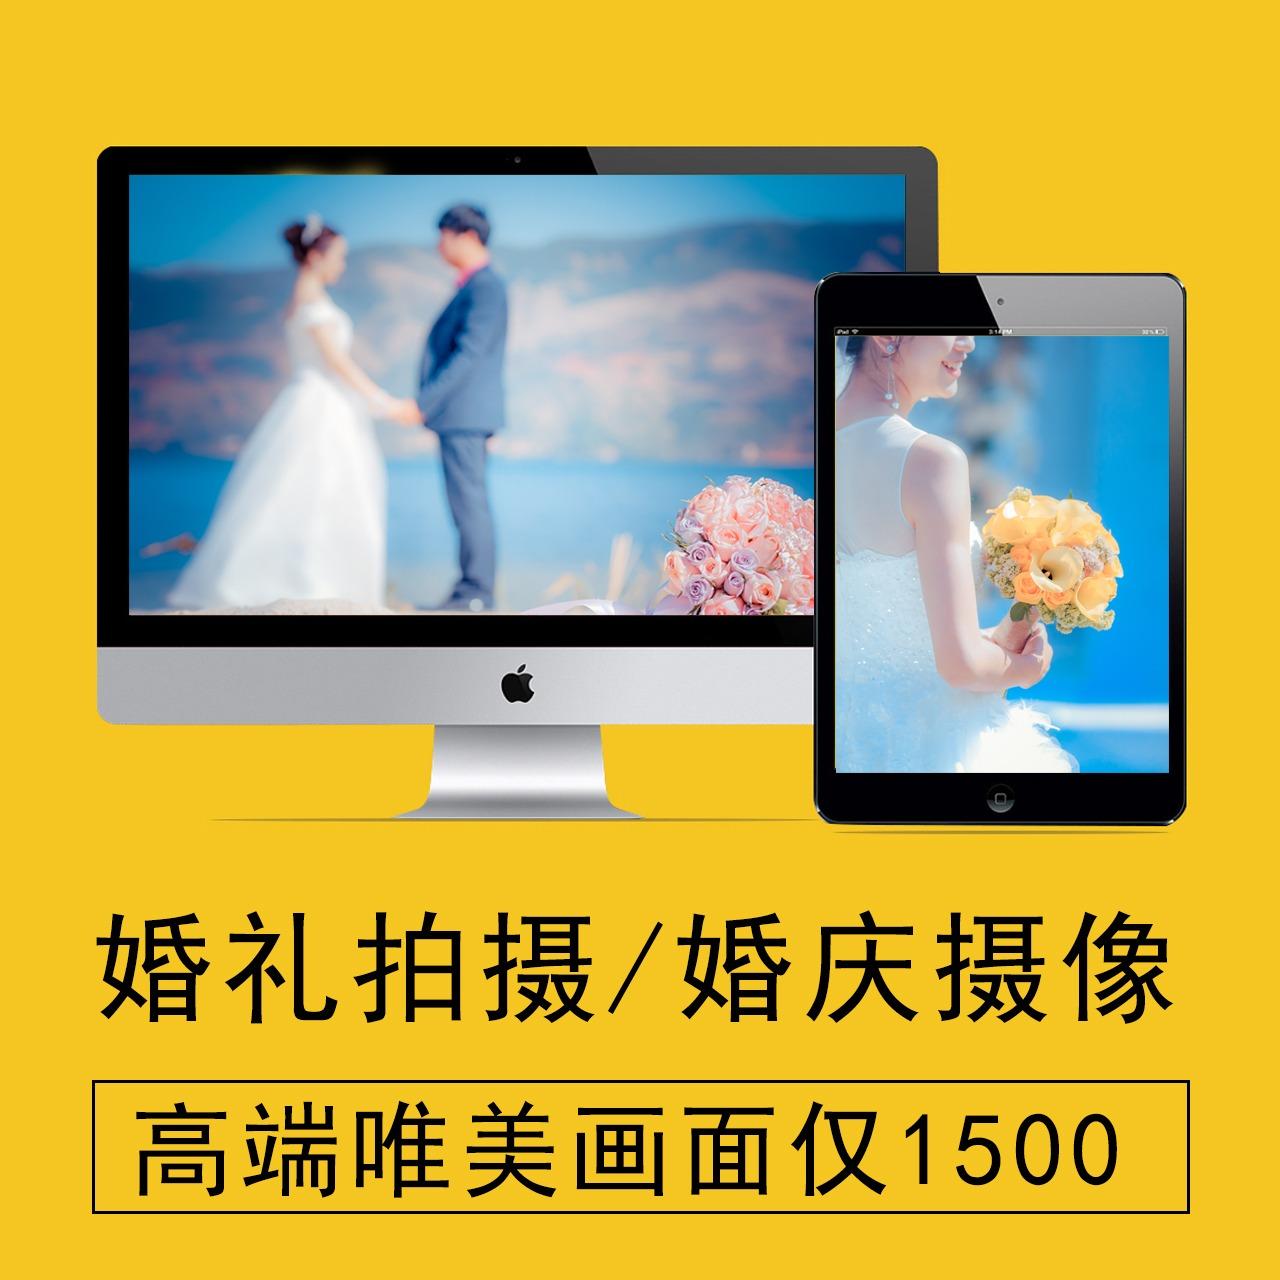 【四川成都】结婚婚礼婚庆视频跟拍拍摄会议年会拍摄剪辑